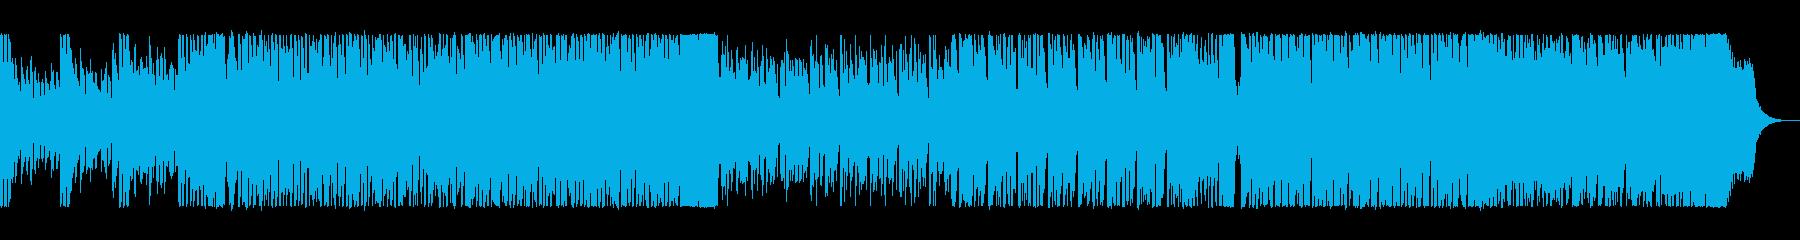 シンセサイザーとドラムのリズミカルな曲の再生済みの波形